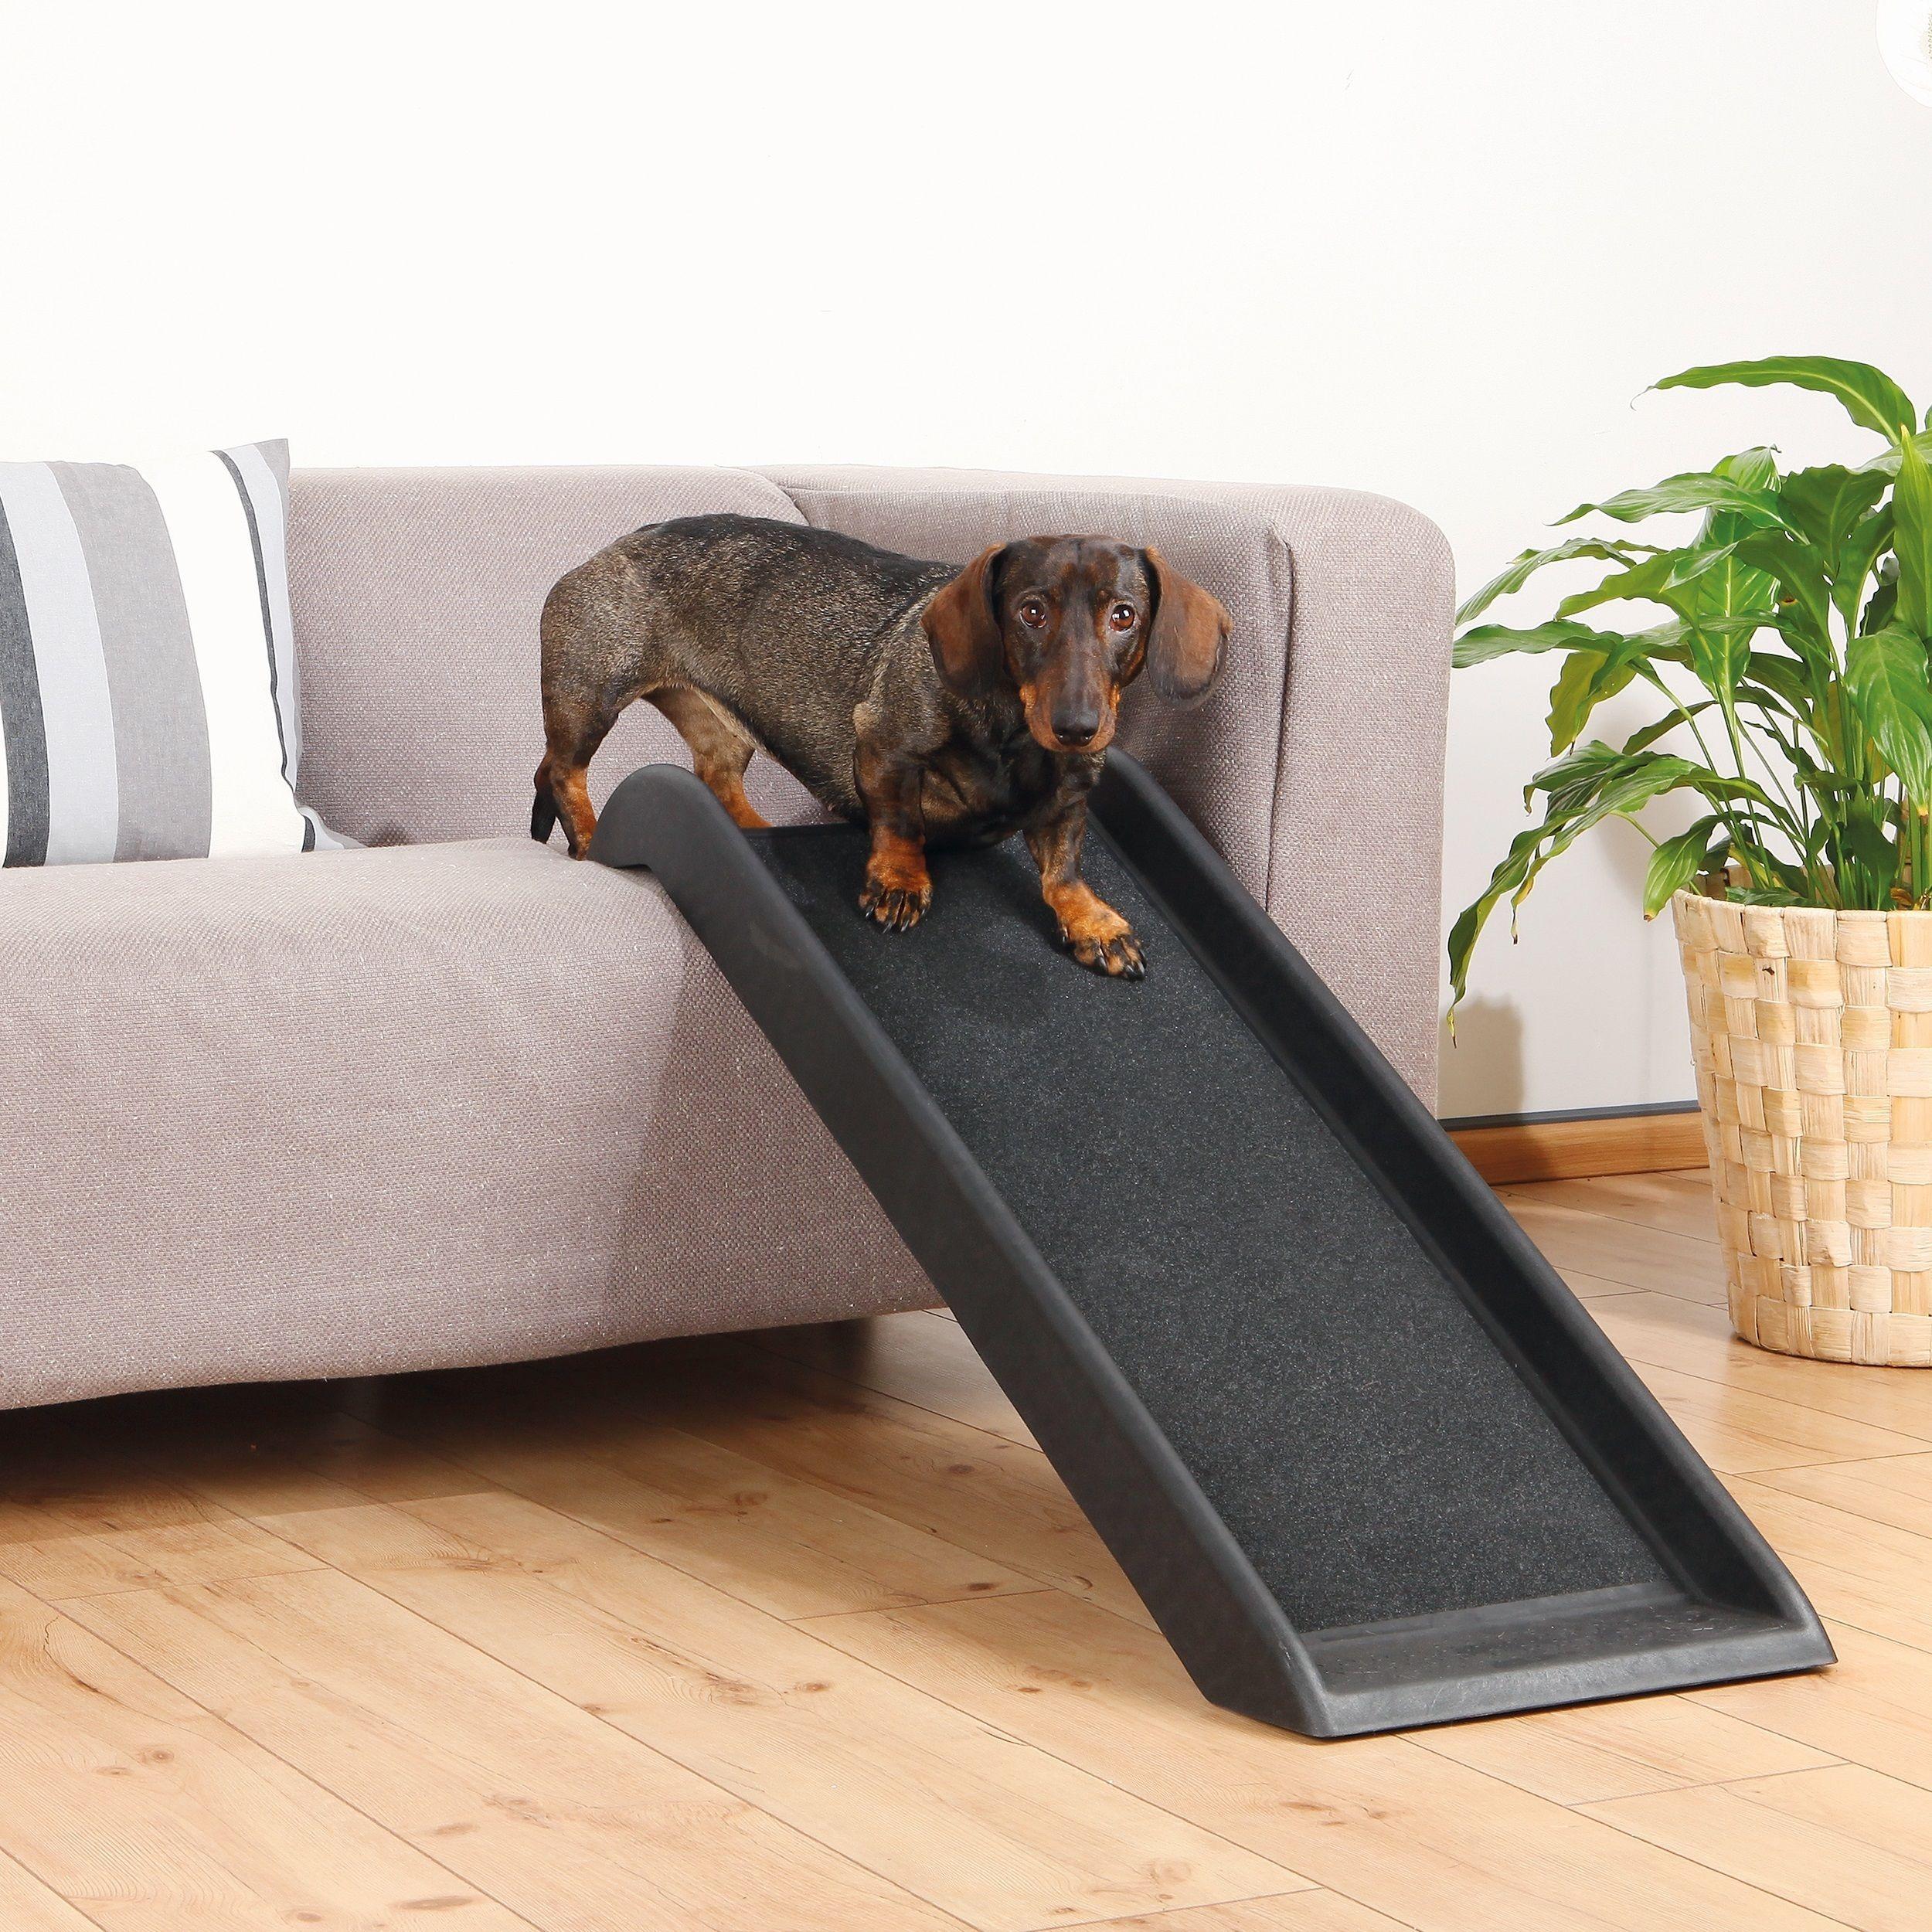 TRIXIE 39inch Pet Safety Ramp Black Pet ramp, Dog